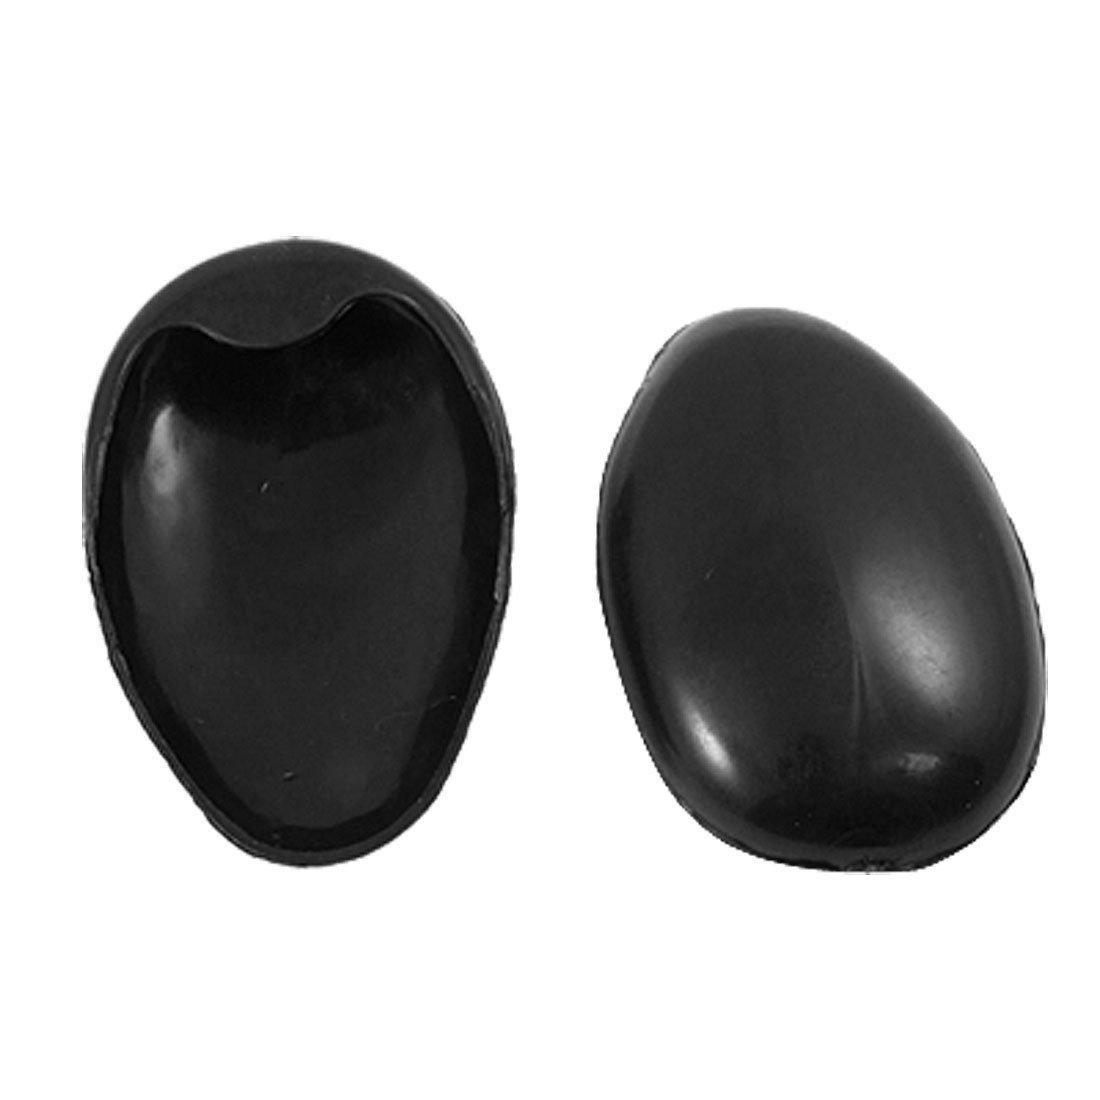 sourcingmap® Coppia copri orecchi di pastica nera barbiere per non sprcare con tinta per capelli a11120600ux0046